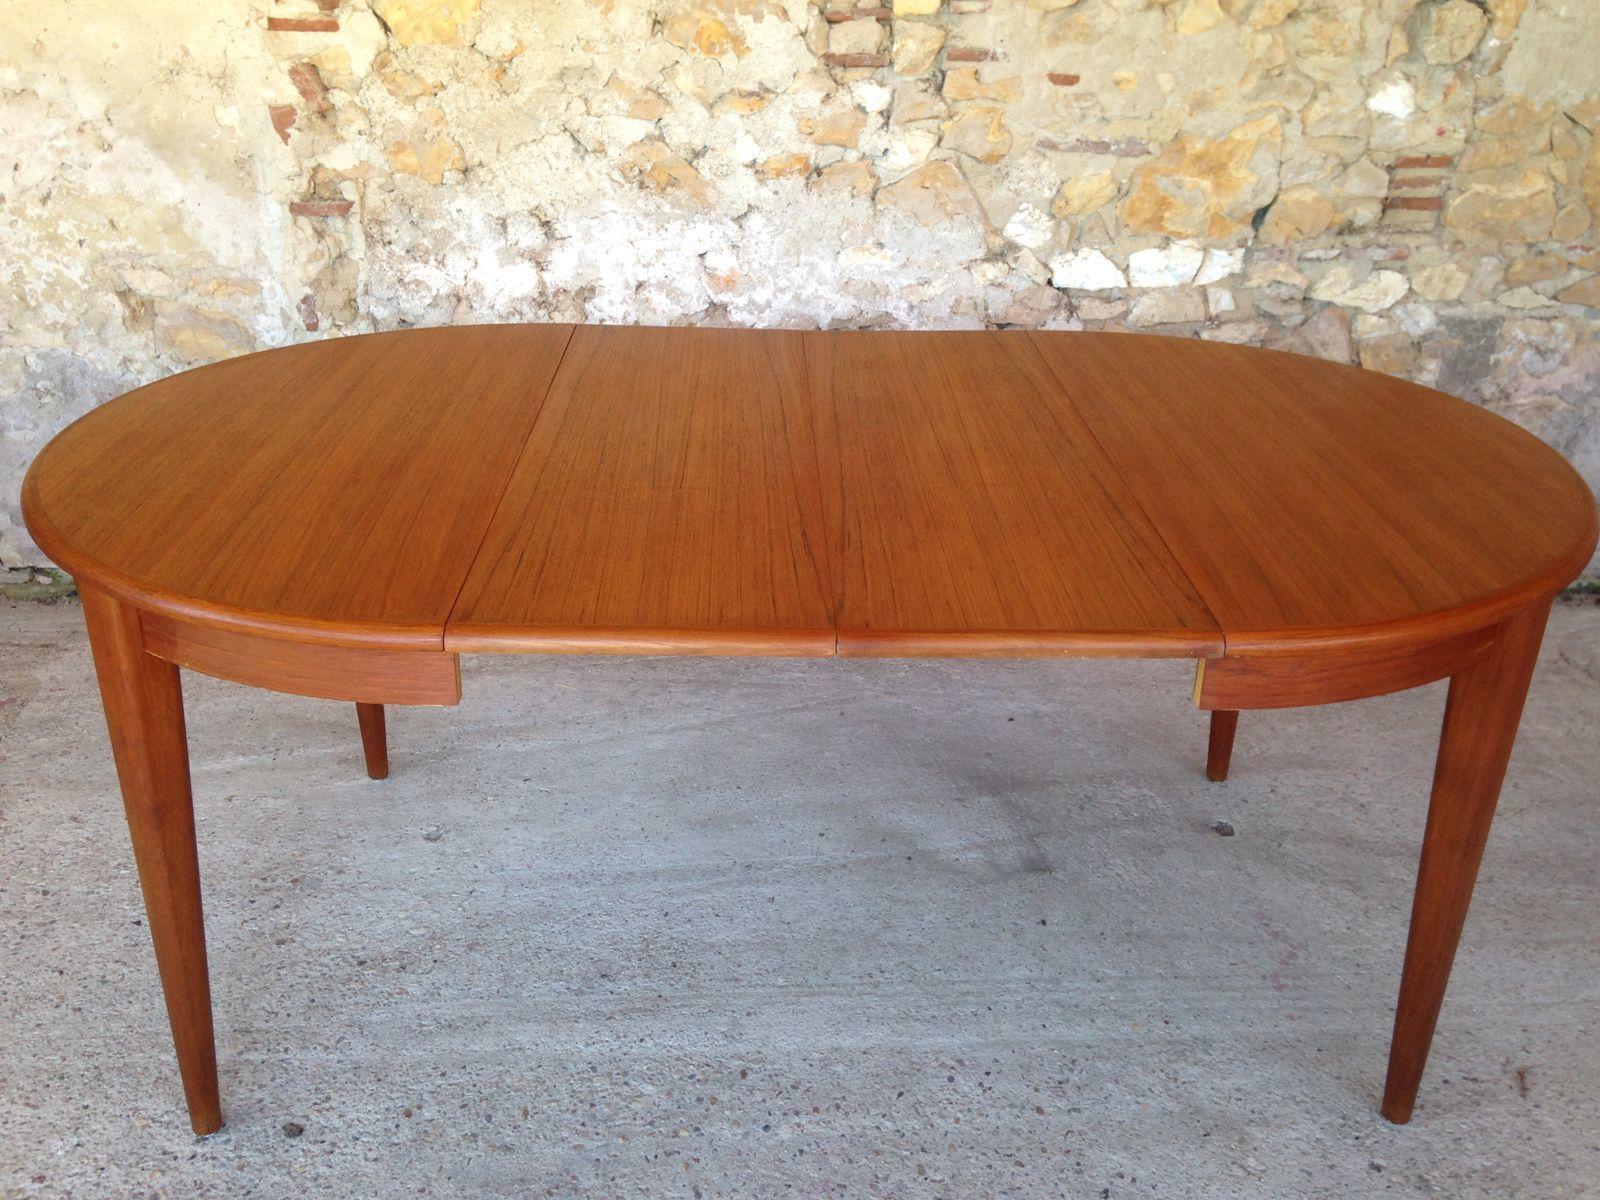 durable vintage furniture